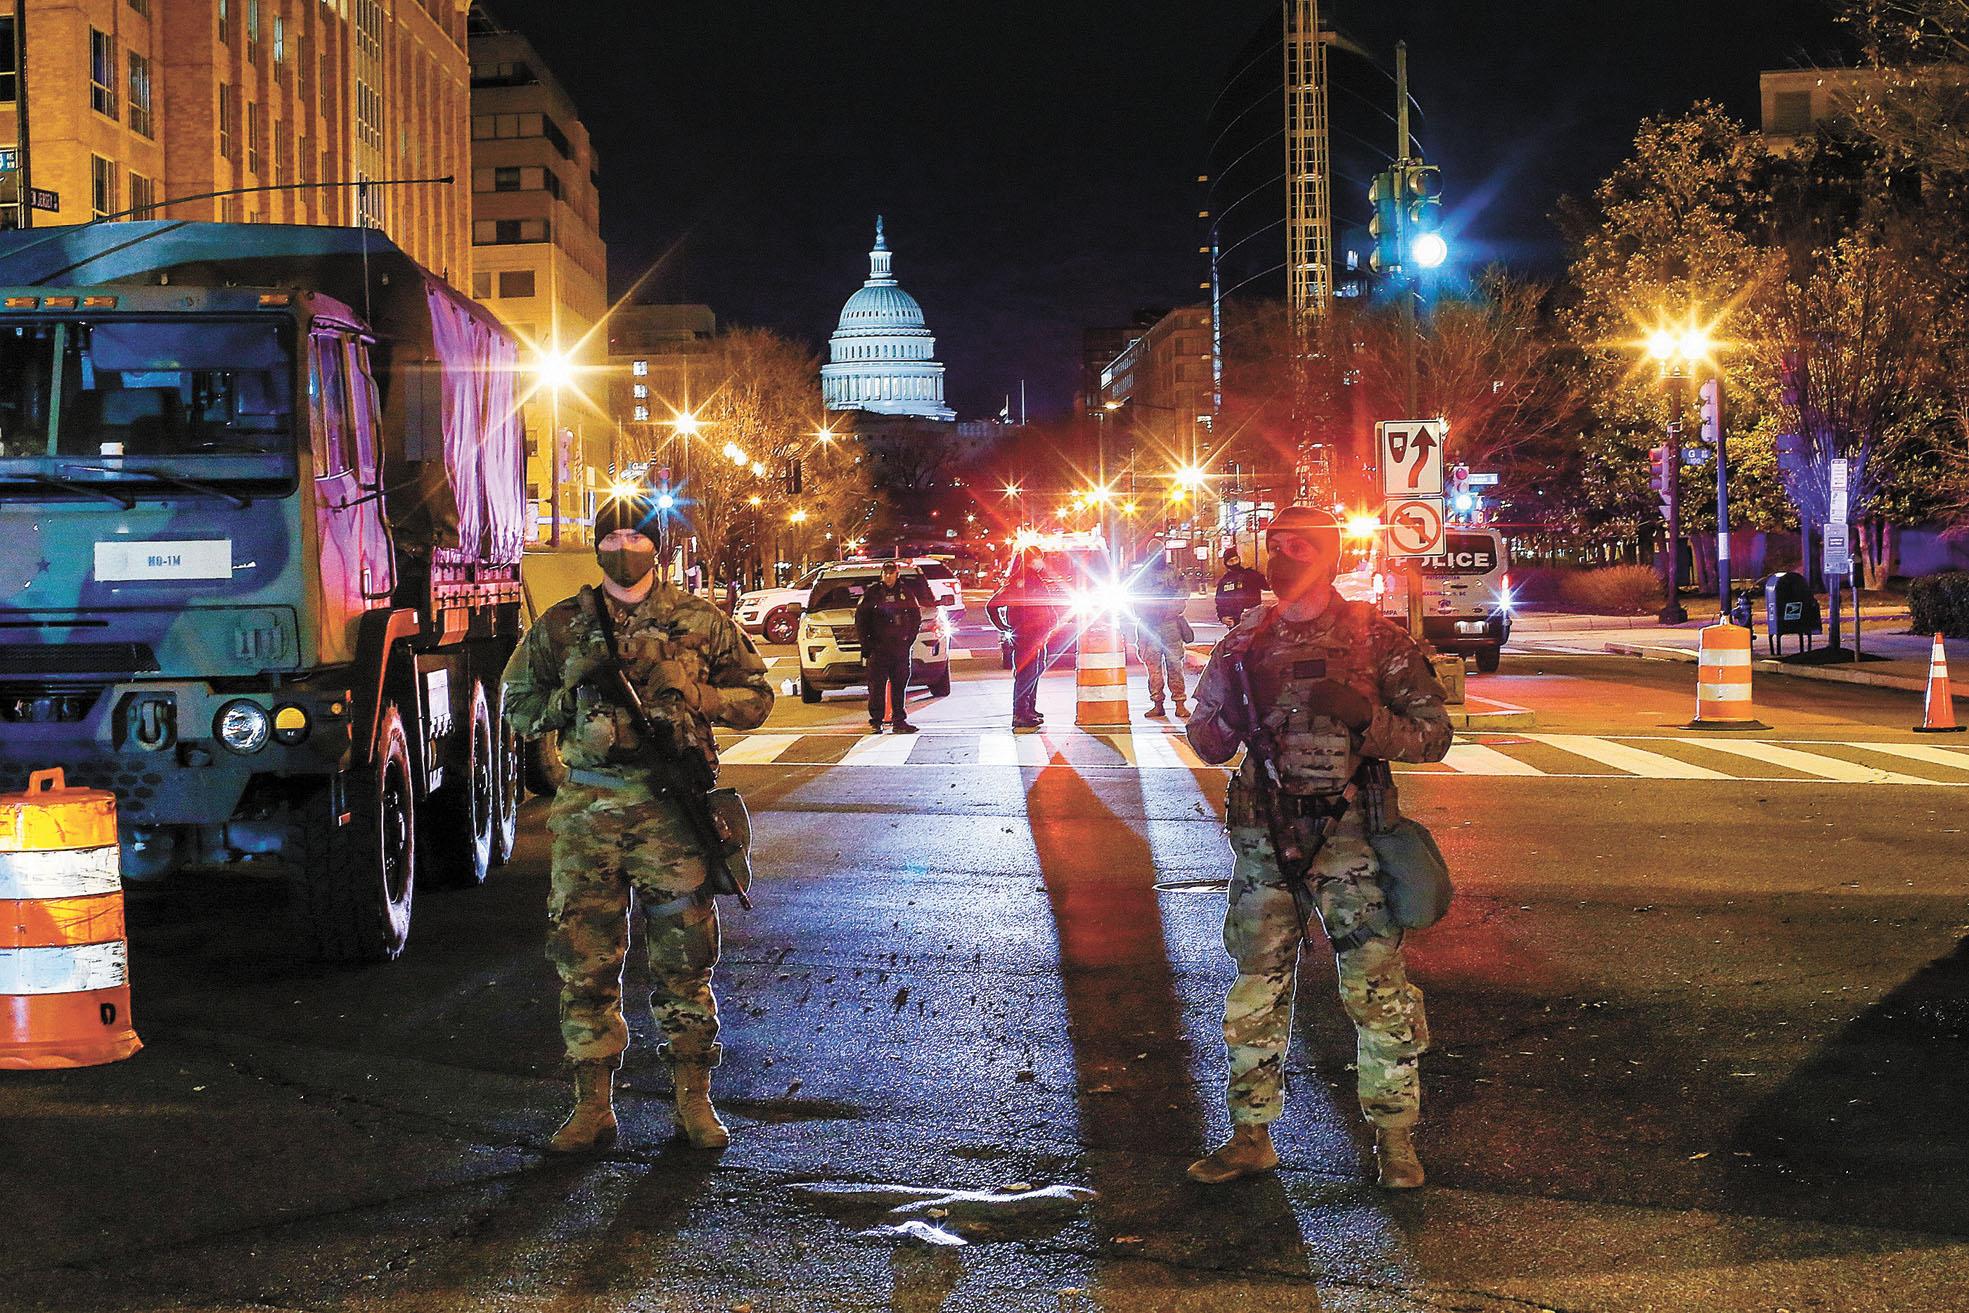 入夜後也有警衛隊成員在國會大廈附近守衛。路透社